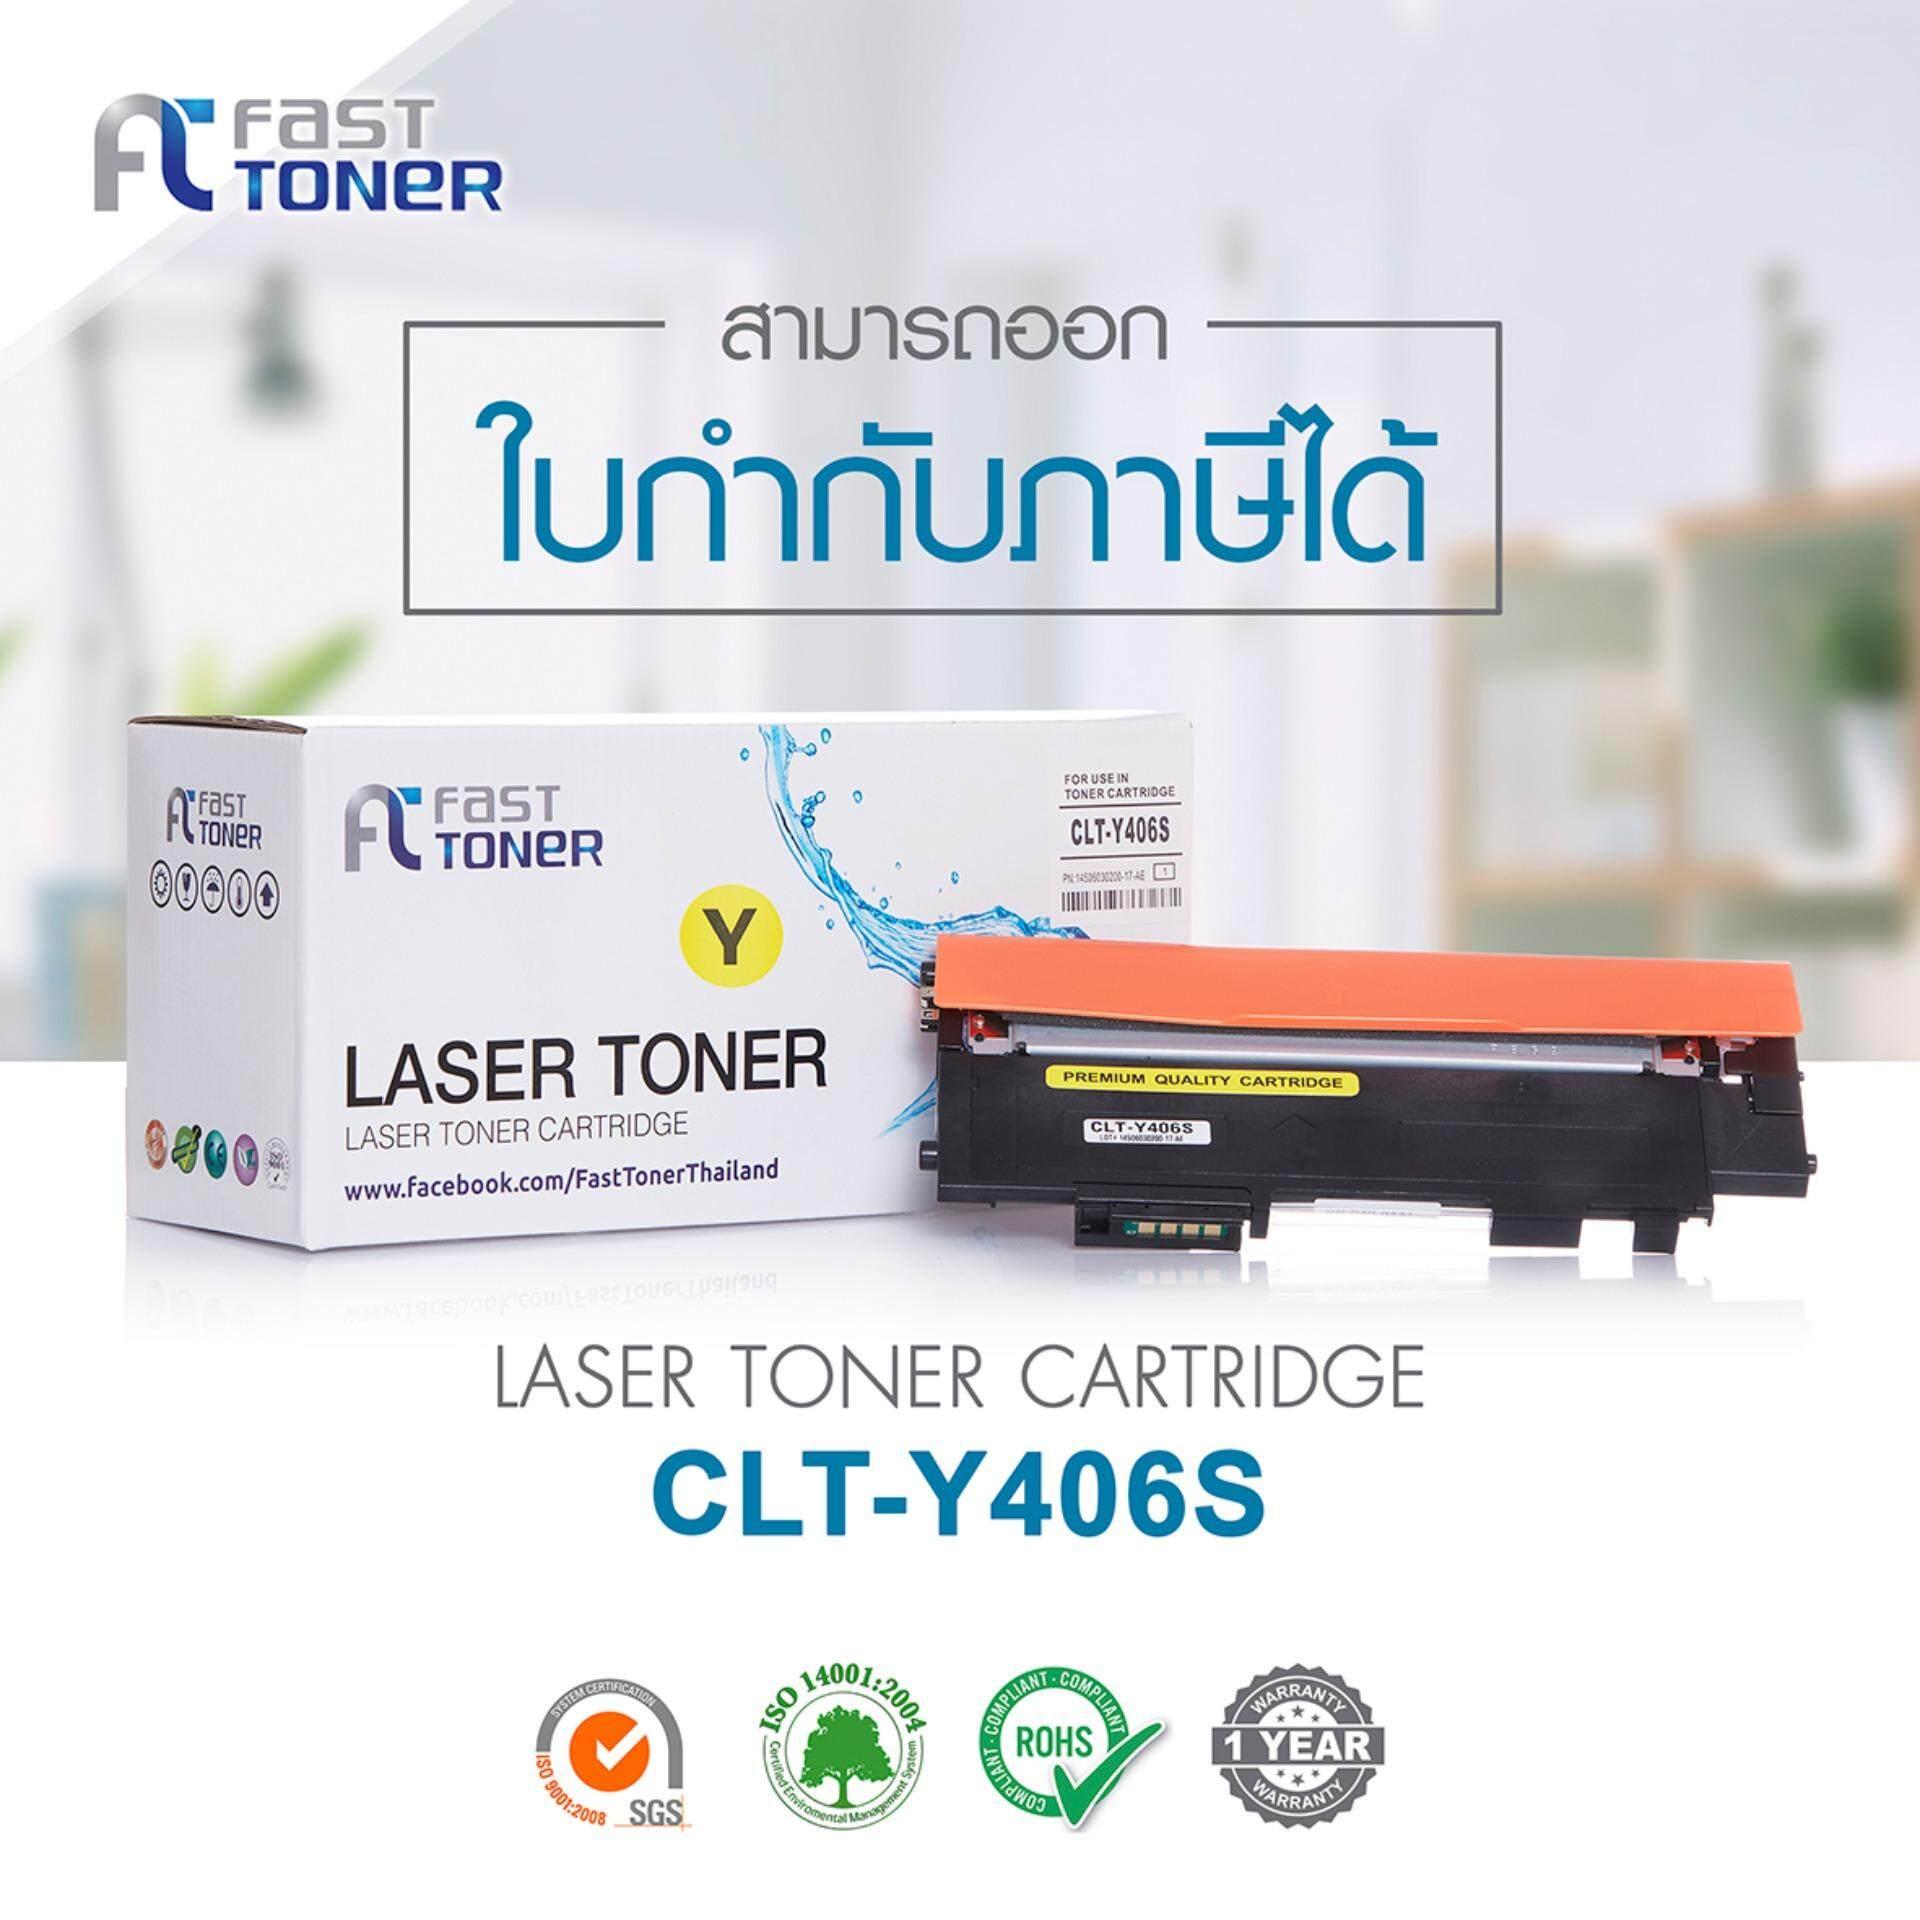 ขาย Fast Toner ตลับหมึกเลเซอร์ Samsung Clt Y406S สีเหลือง For Printer Sumsung Xpress Sl C460 C410 Clp 365 W Clx 3305 W Fn ใหม่